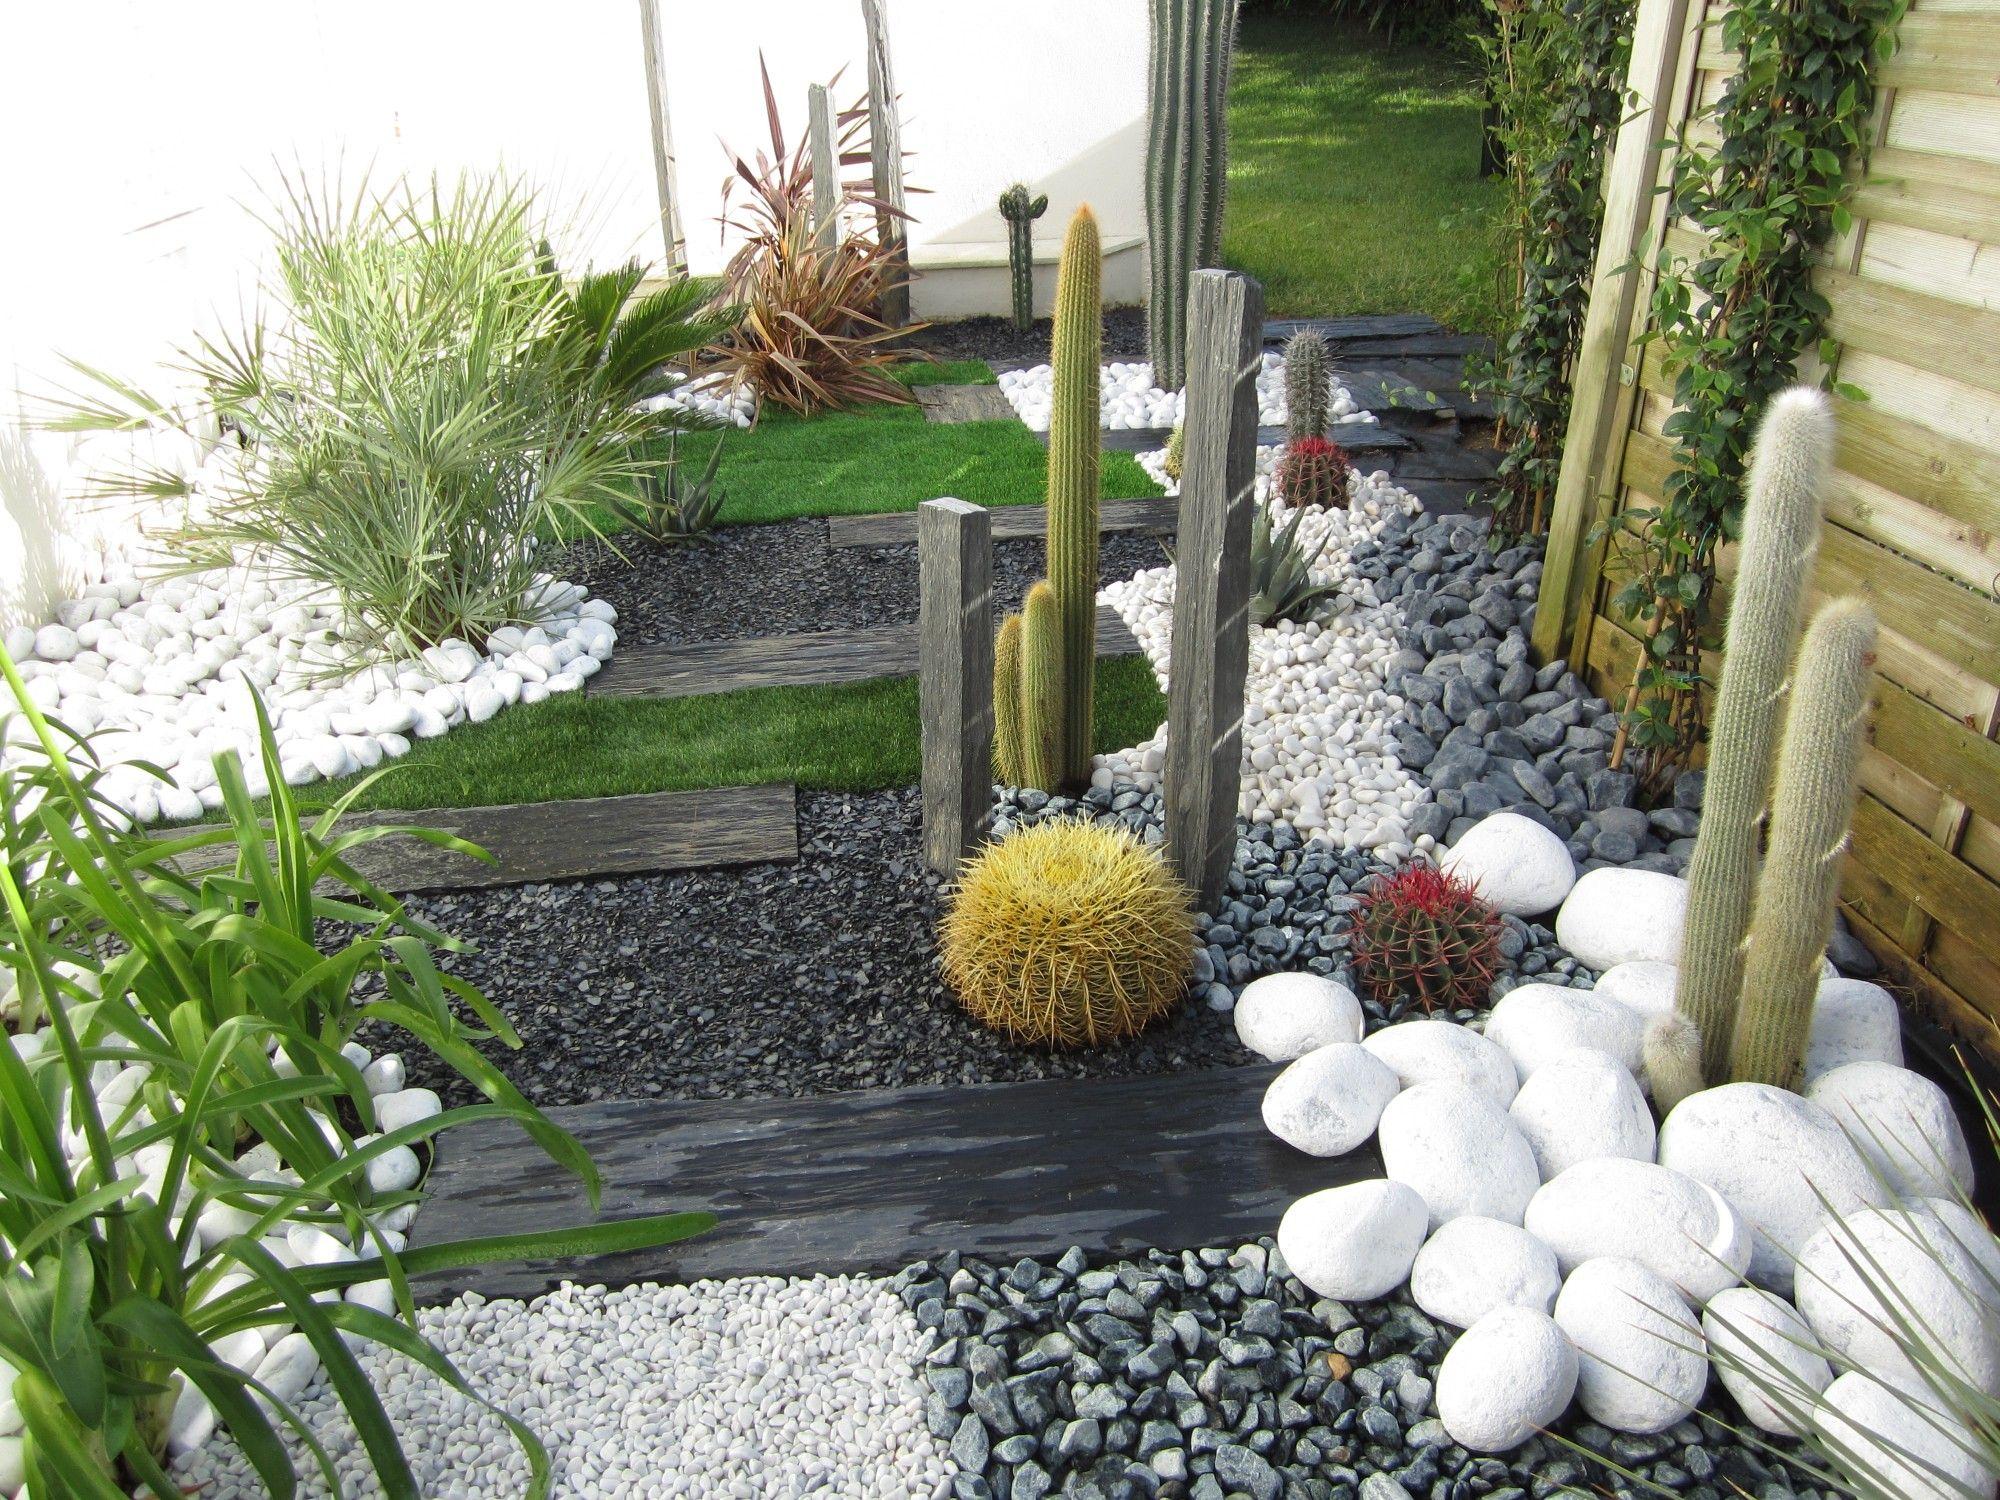 Jardin Sec: Cactus, Galets Polis Blancs, Gazon Synthétique ... concernant Amenagement Jardin Avec Pierres